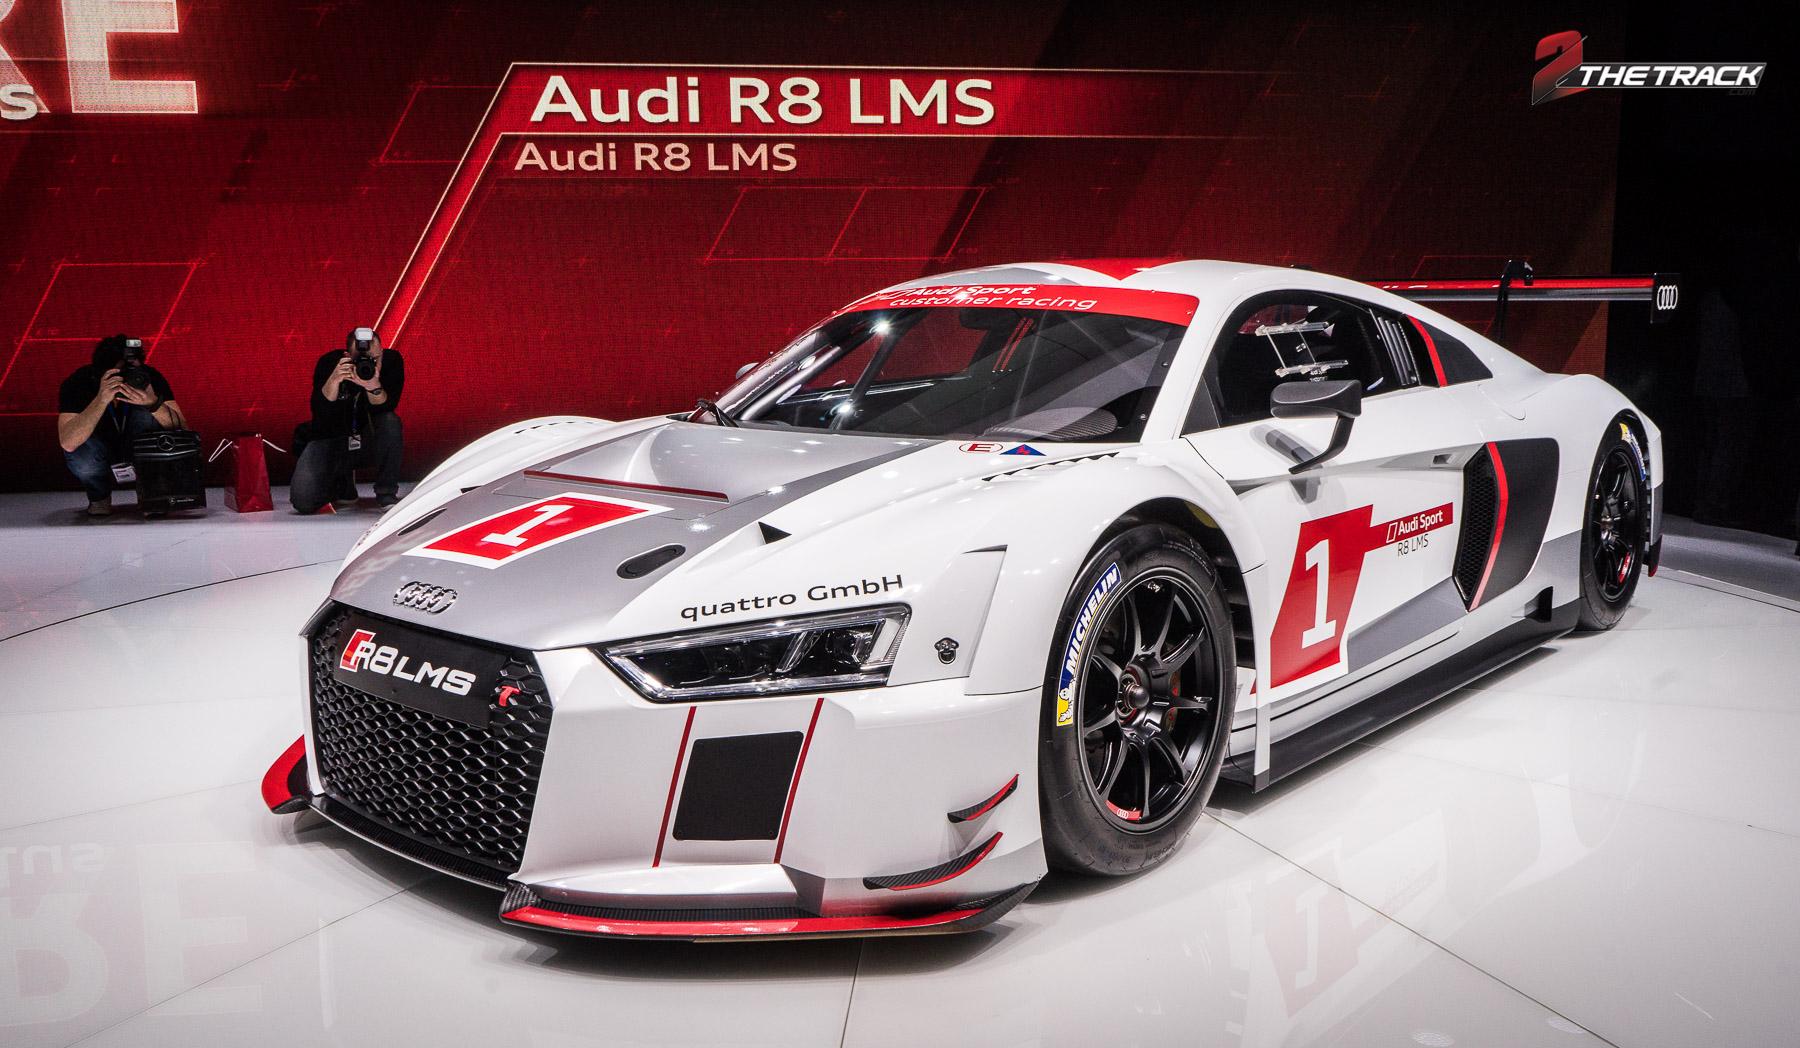 Audi R8 V10 LMS Geneva Motor Show 2015-1